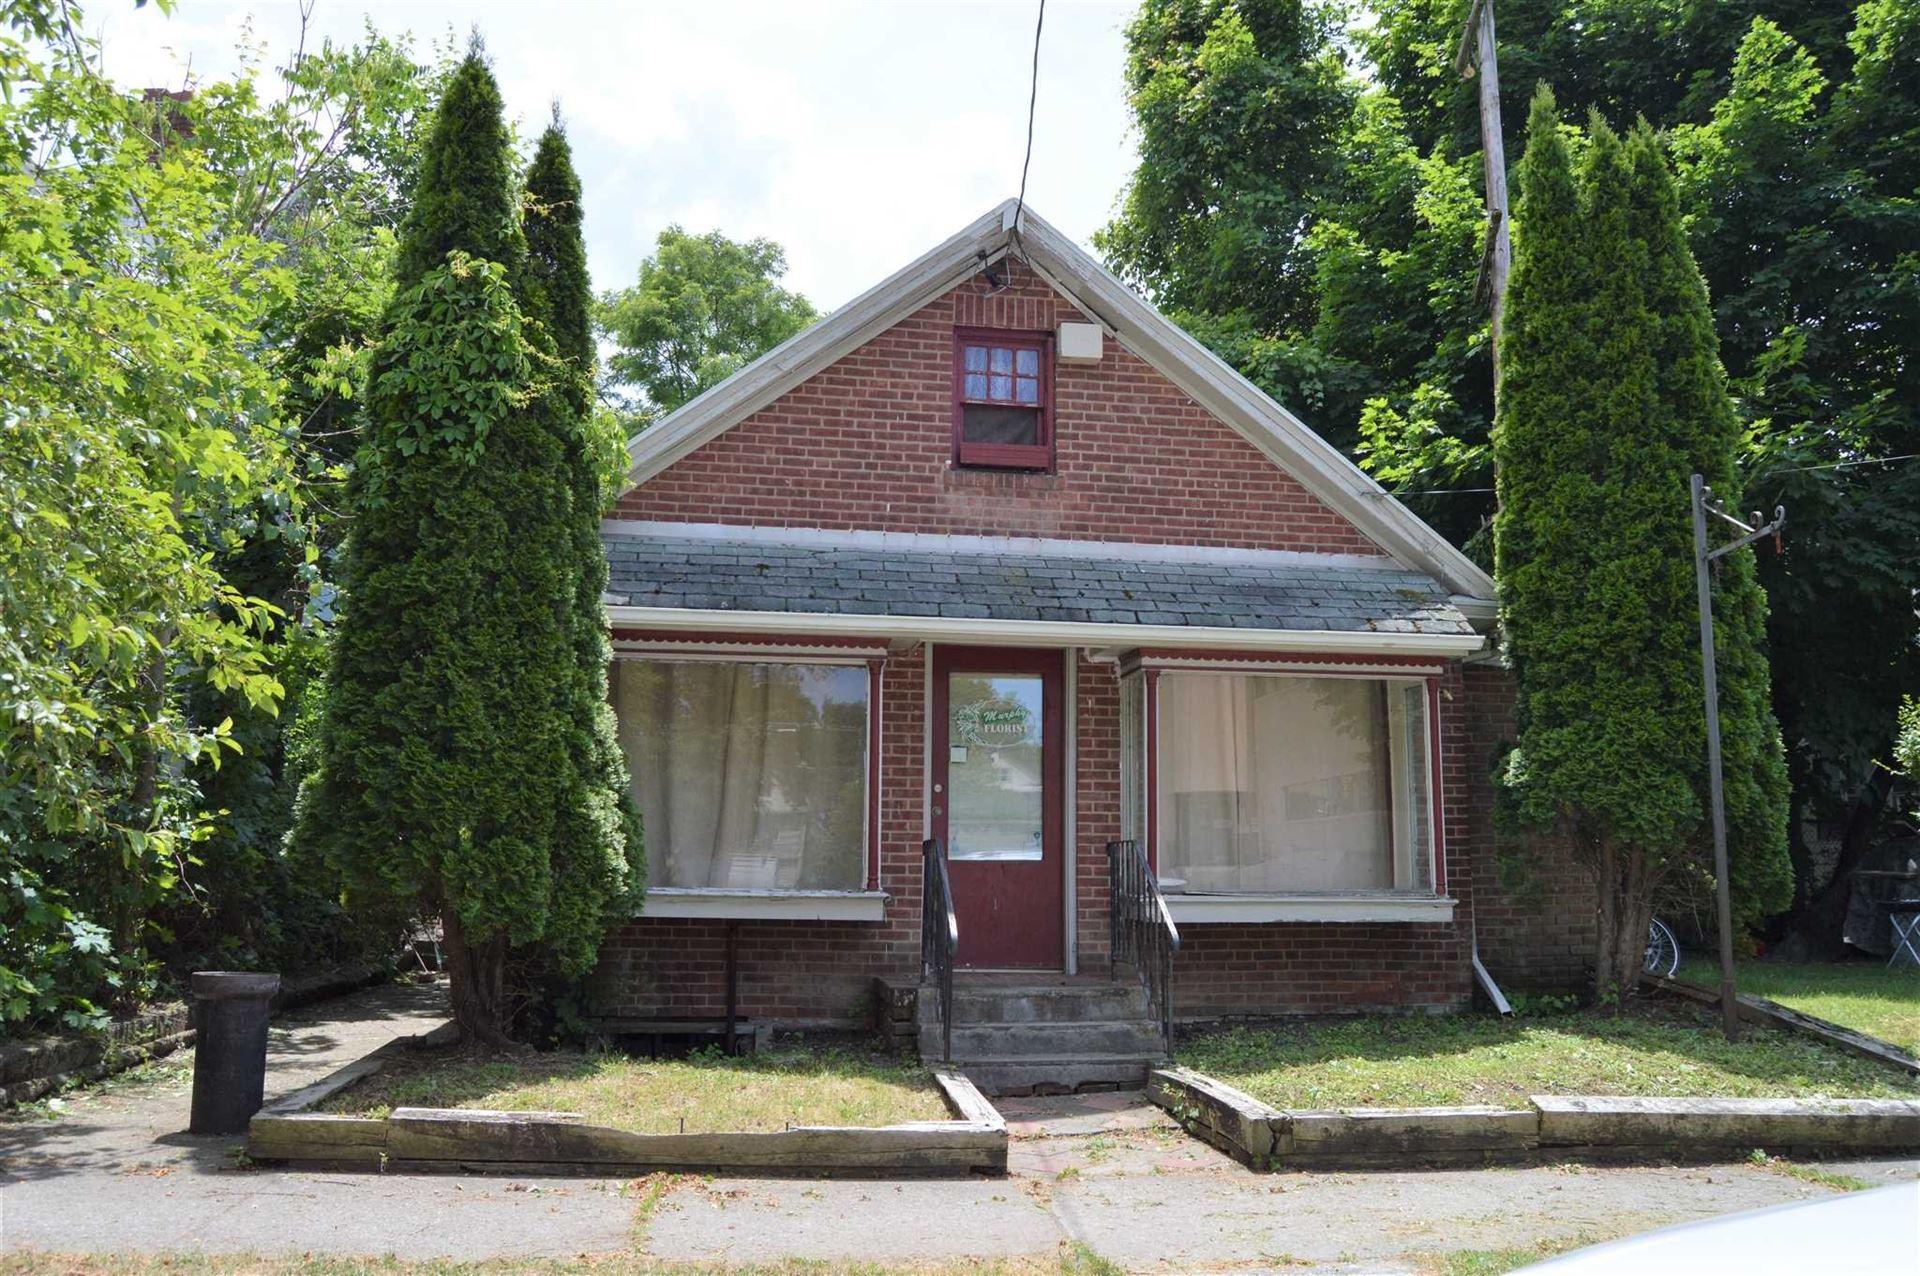 1 DEAN PL, Poughkeepsie, NY 12601 - #: 391451